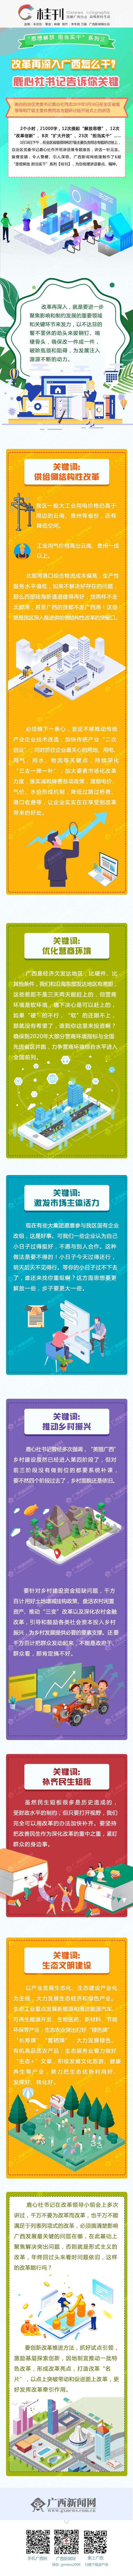 【桂刊】改革再深入廣西怎么干?鹿心社書記告訴你關鍵